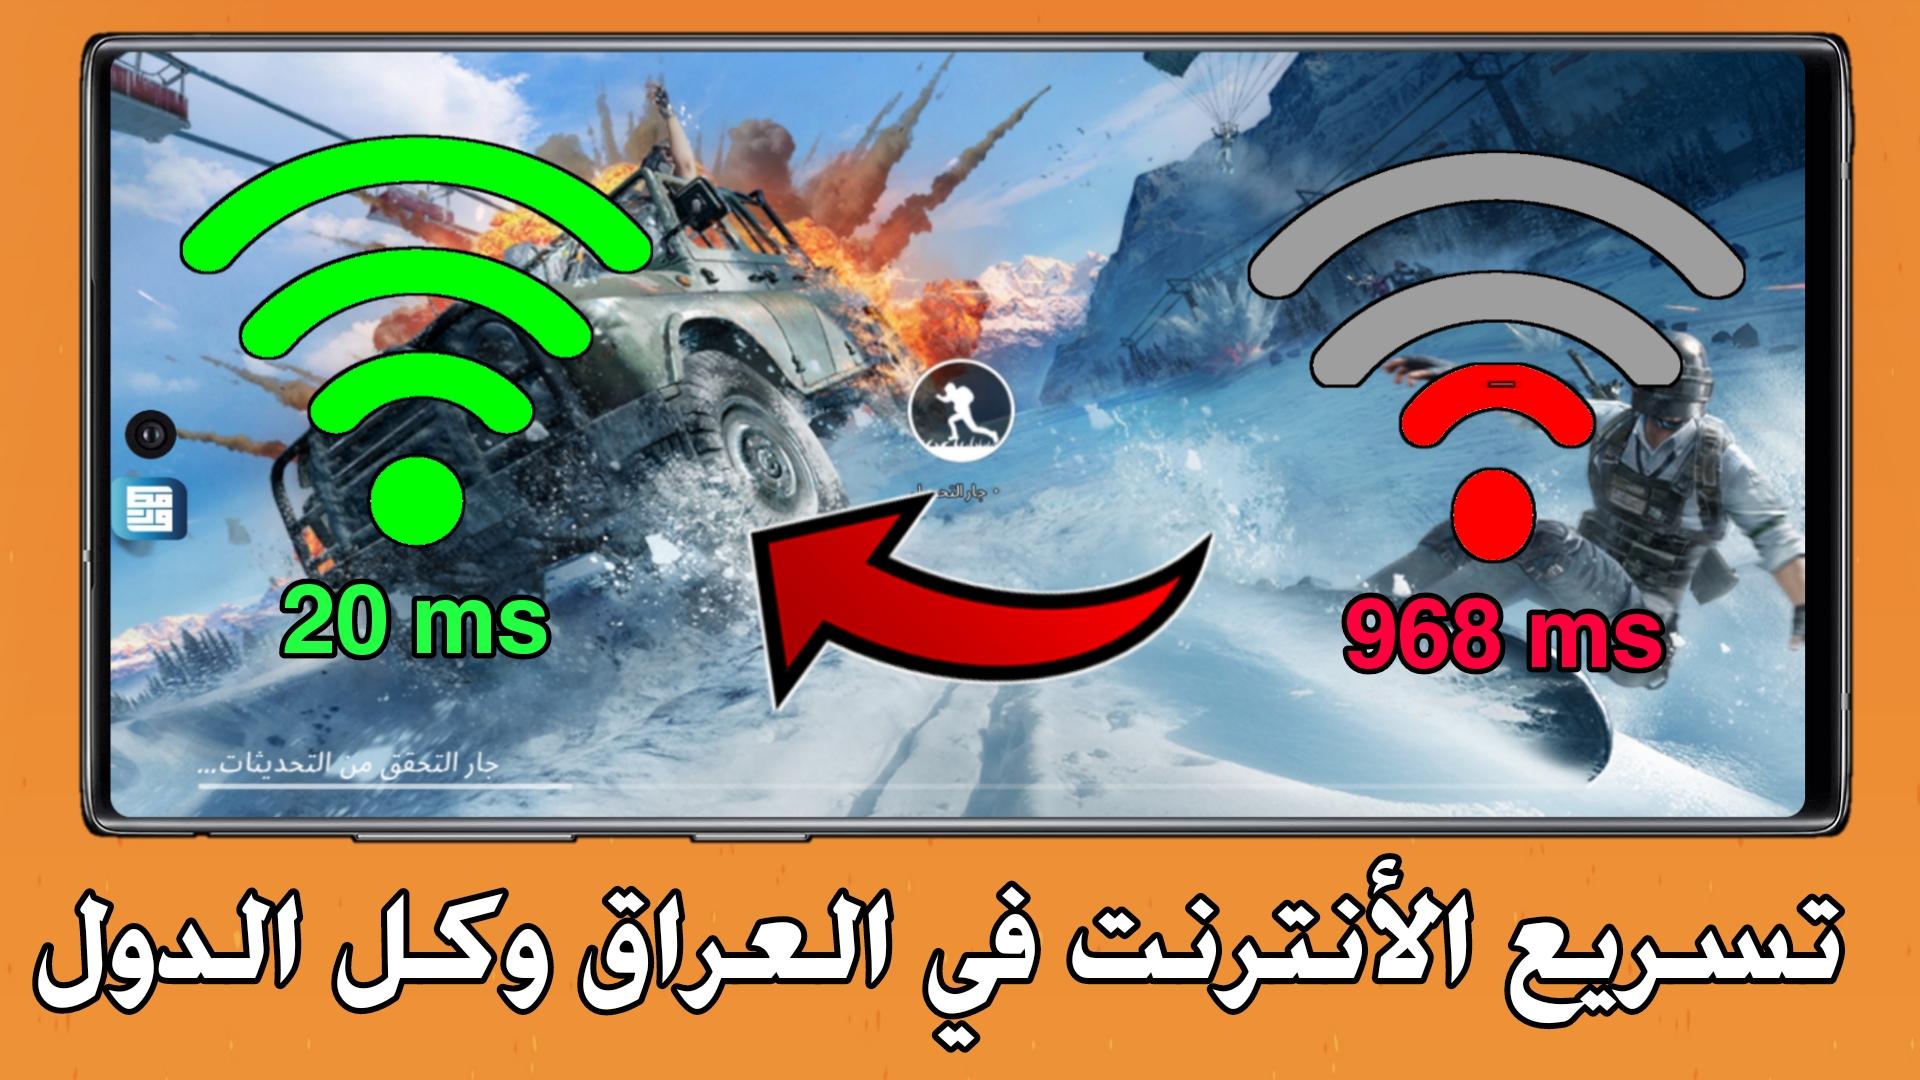 تسريع الأنترنت في العراق بضغطة زر !!! خفض البنغ في لعبة pudge Mobile الى 10ms